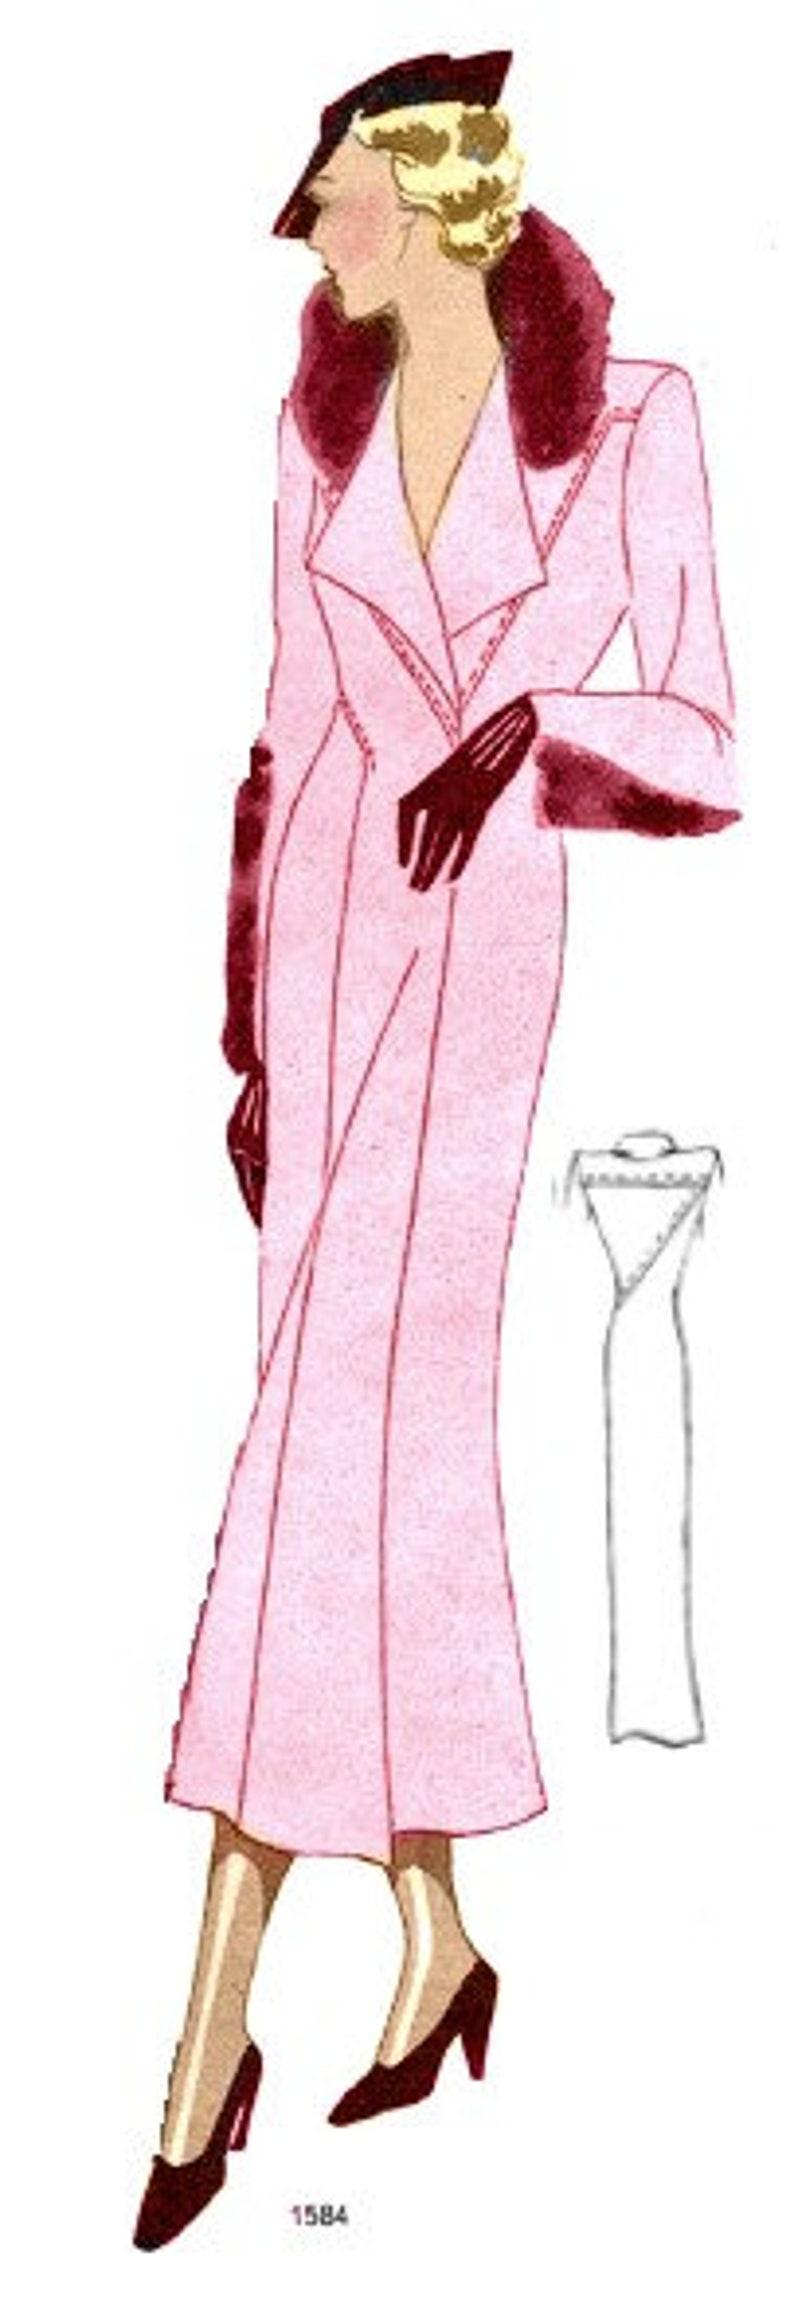 1930s Vintage Dresses, Clothing & Patterns Links Plus Size (or any size) Vintage 1934 Dress Sewing Pattern - PDF - Pattern 1584 Delphine 1930s 30s Patterns Instant Download $8.35 AT vintagedancer.com